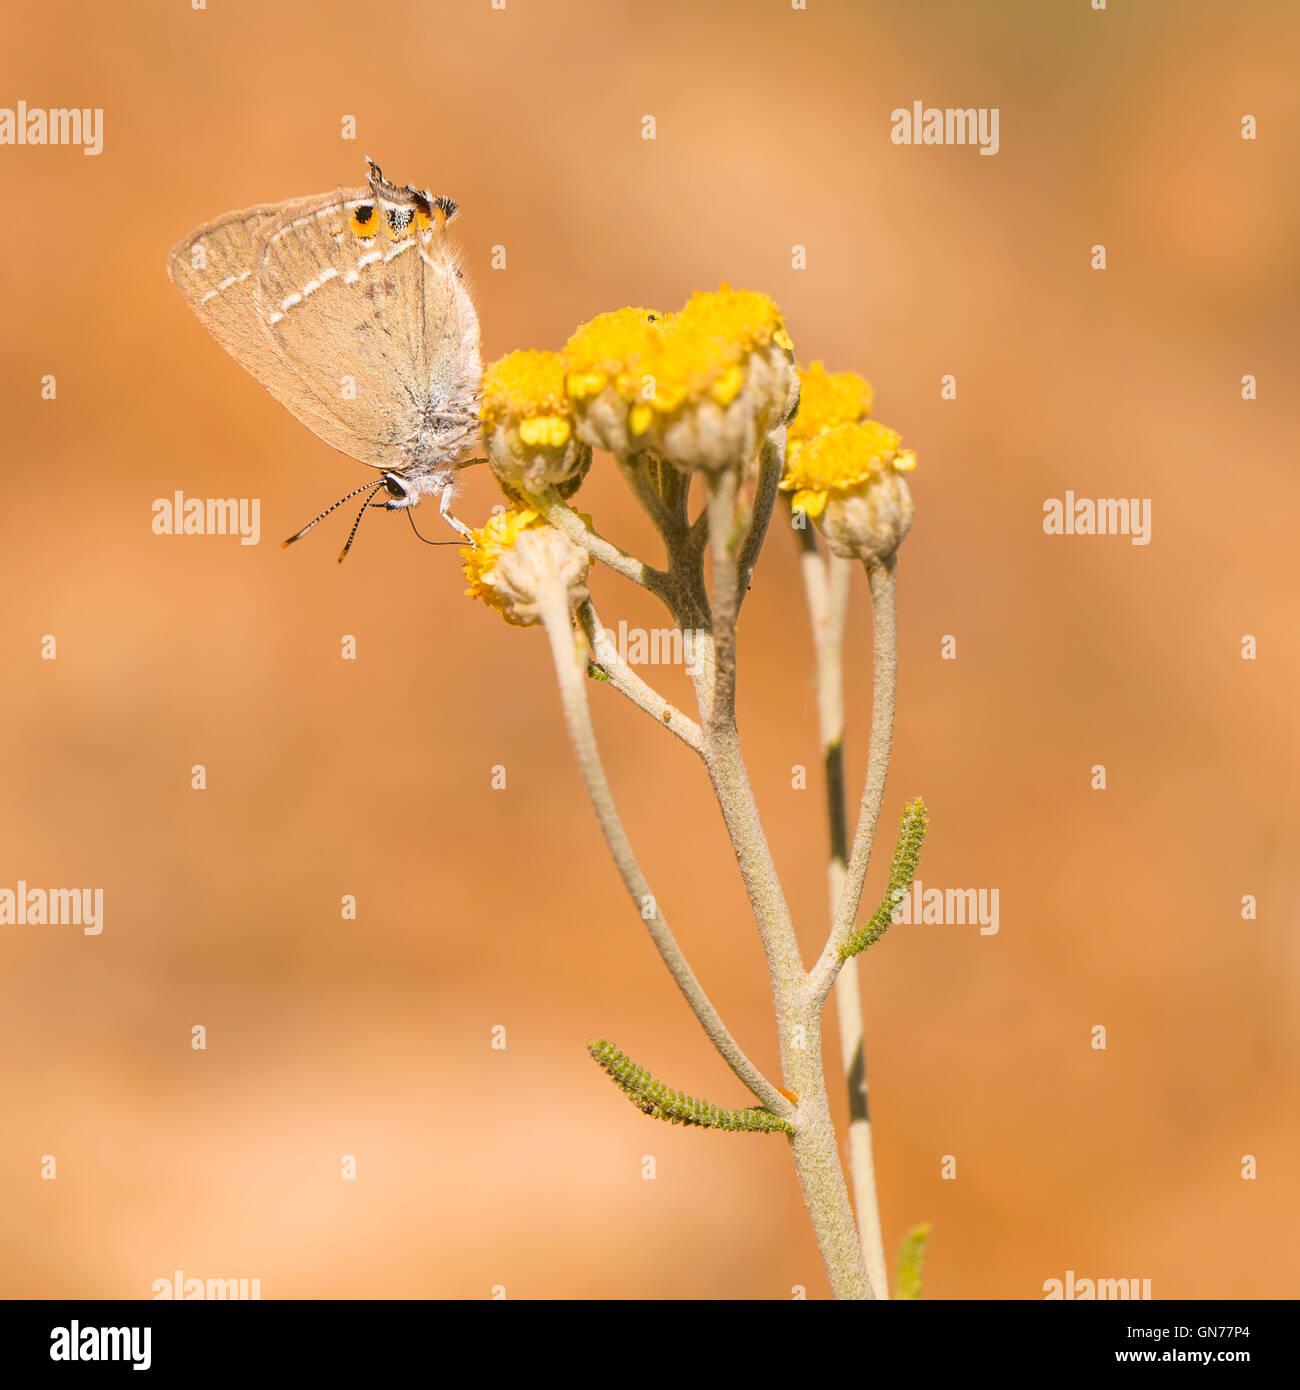 Gerhard, Porte-queue noire (Satyrium abdominalis) est un papillon de la Famille des Lycaenidae. Photographié Photo Stock